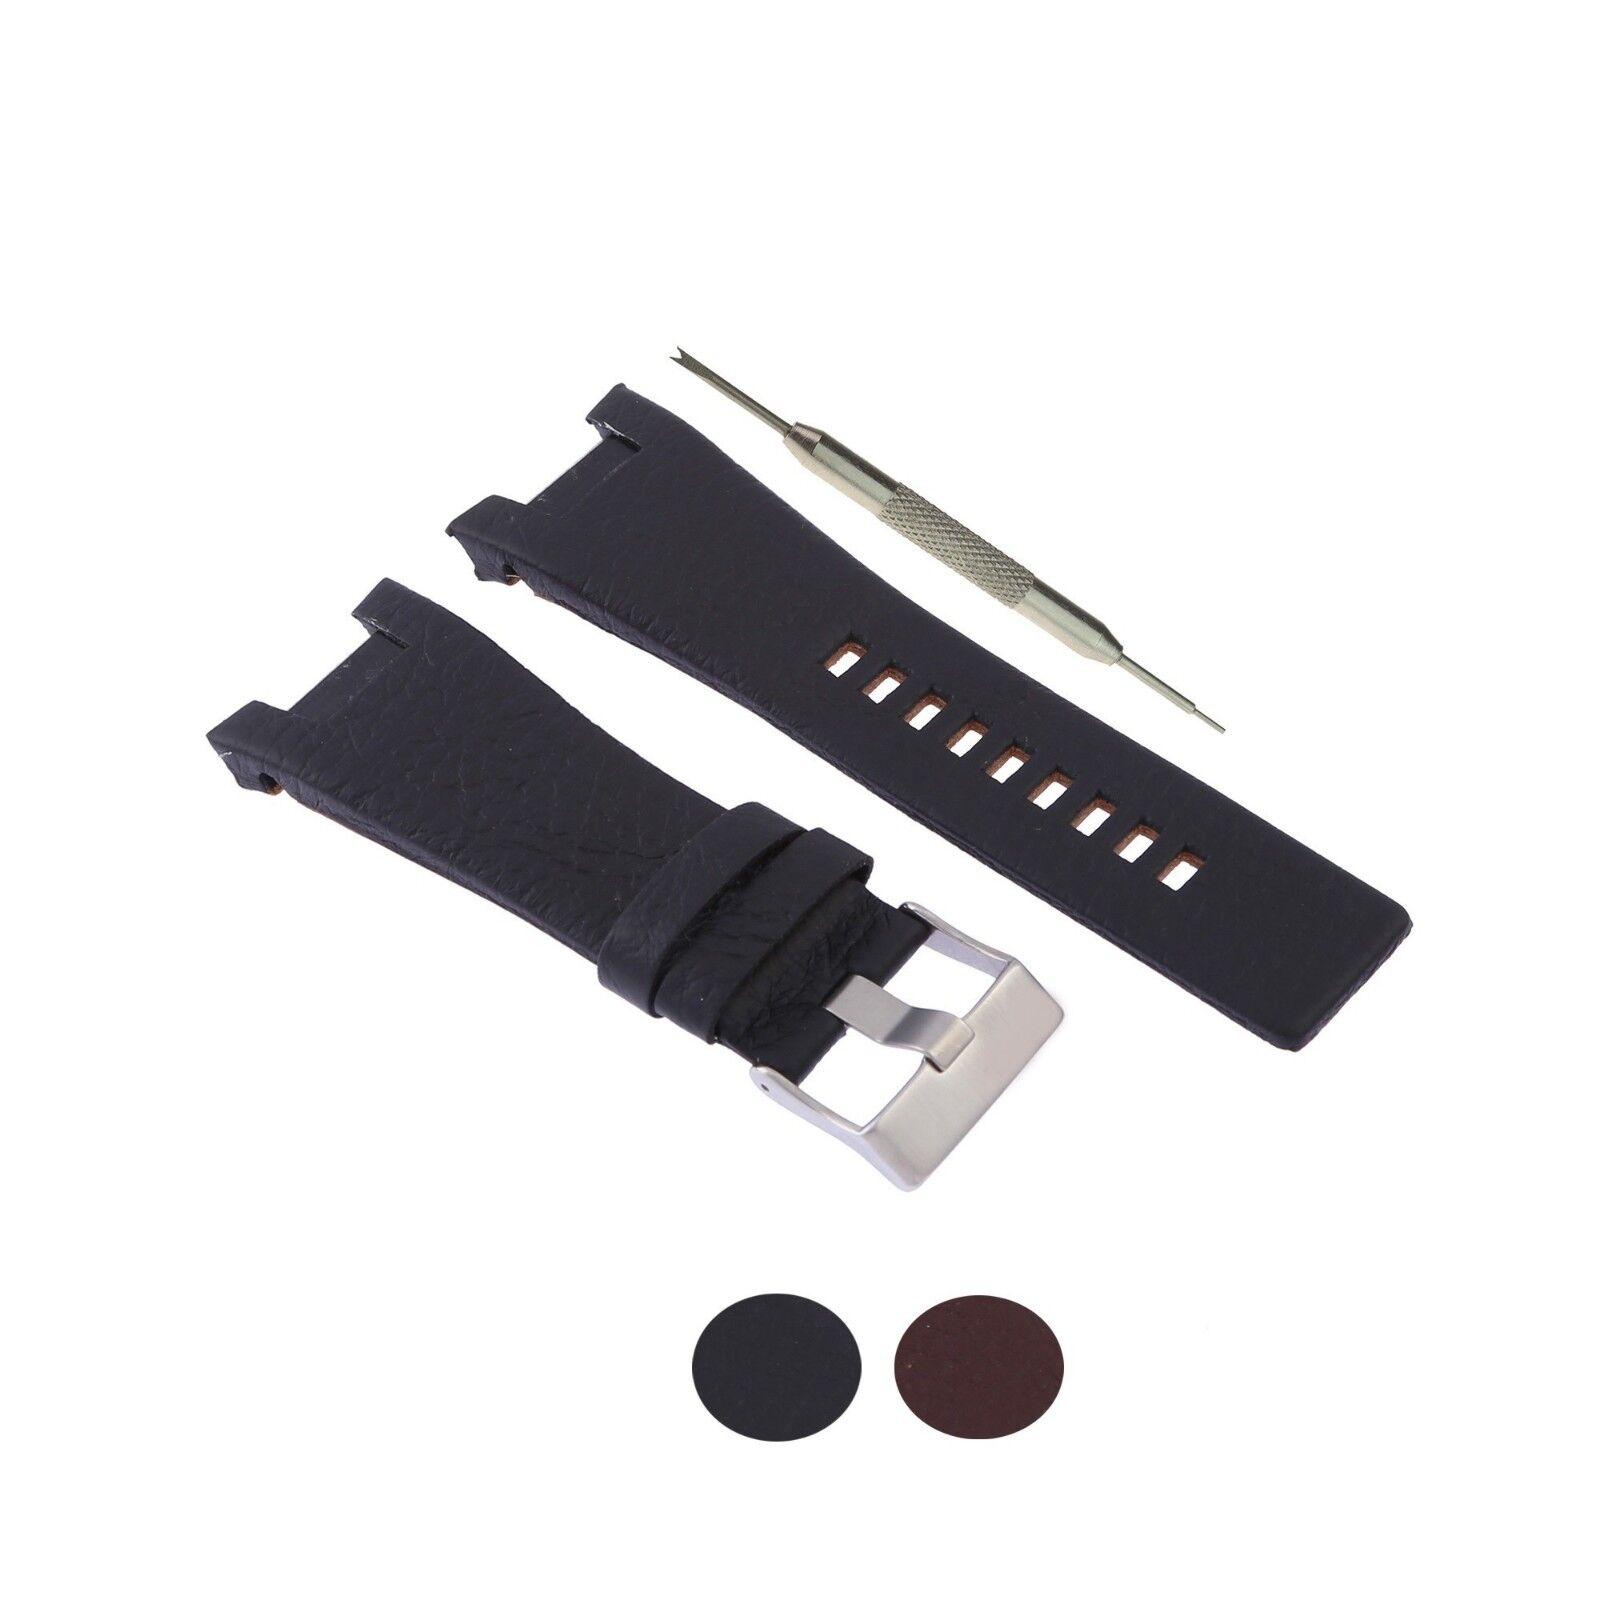 Купить ремешок для часов дизель dz1273 волгодонск где купить часы